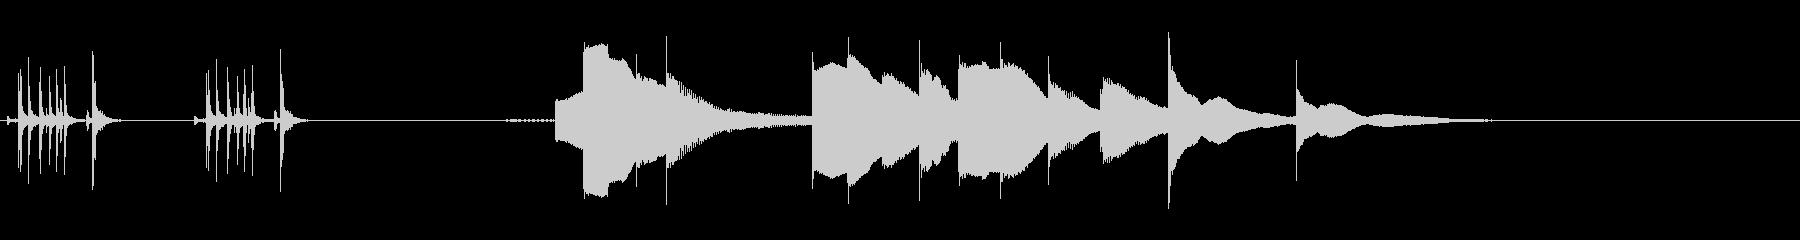 ジングル用オルゴール楽曲05-1の未再生の波形